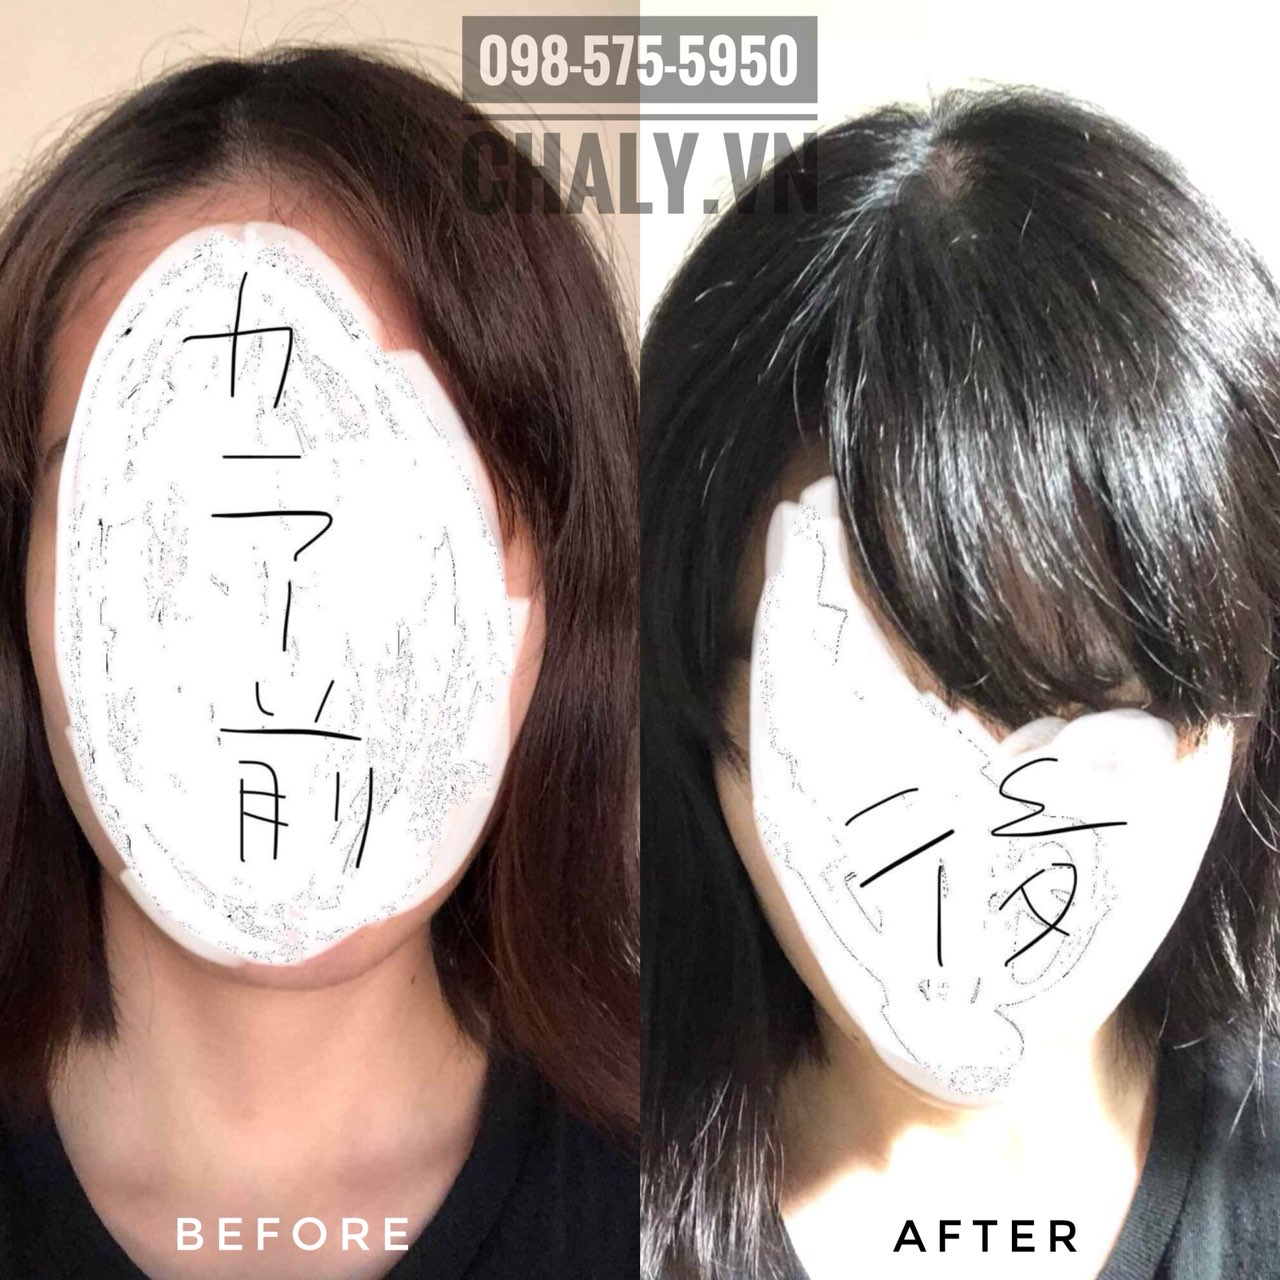 Tẩy tóc hết bao nhiêu tiền? Đi ra salon thì đắt chứ tẩy tóc tại nhà với Kao Liese thì rẻ lắm luôn mà hiệu quả